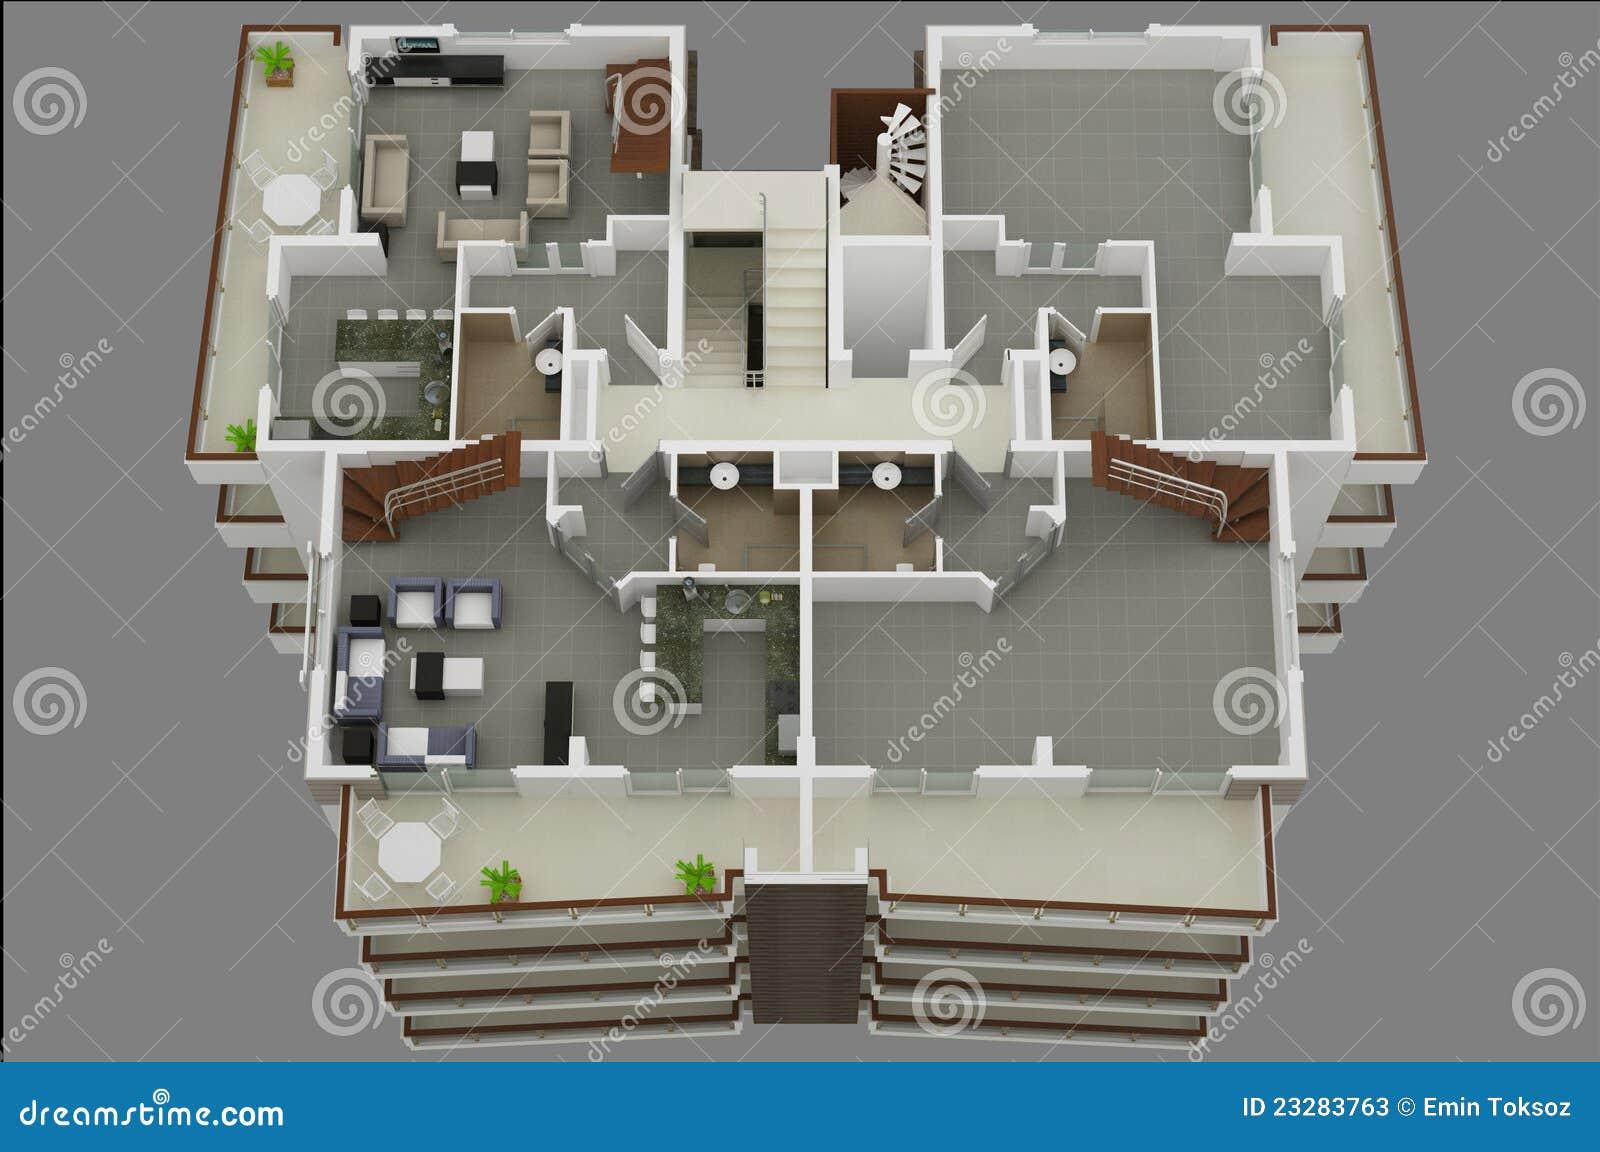 Plan de suelo 3d